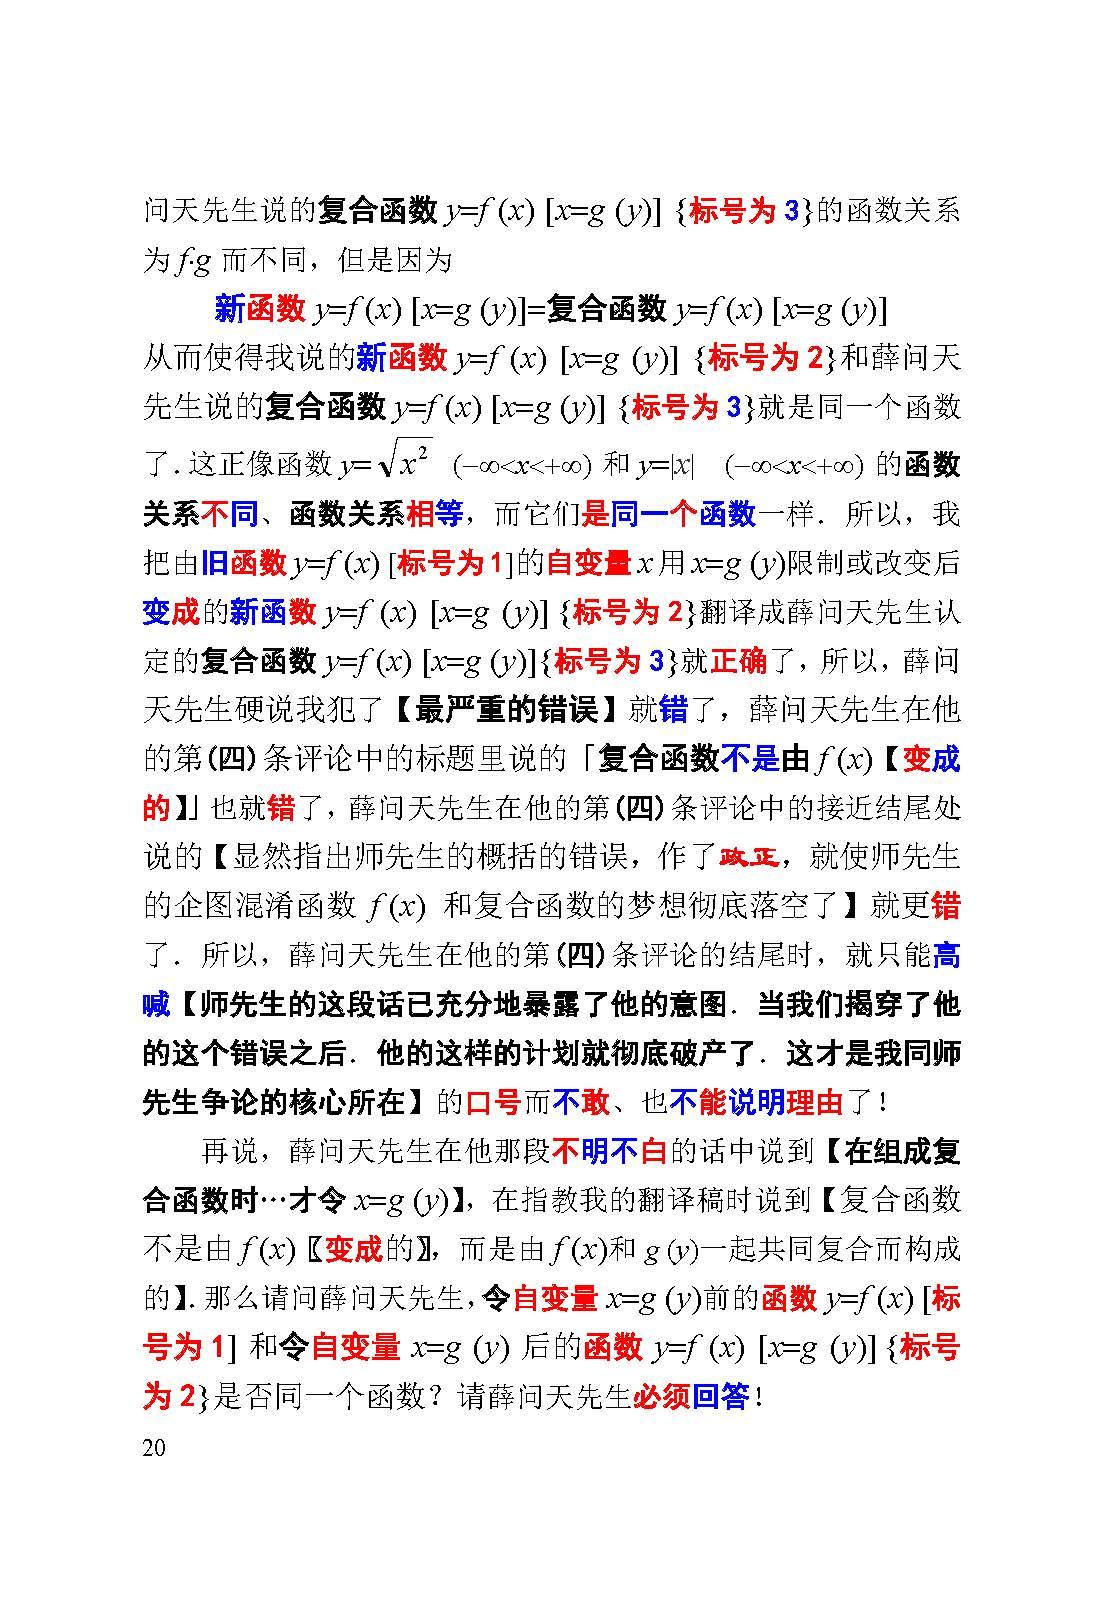 评薛问天先生的文章0428_页面_20.jpg